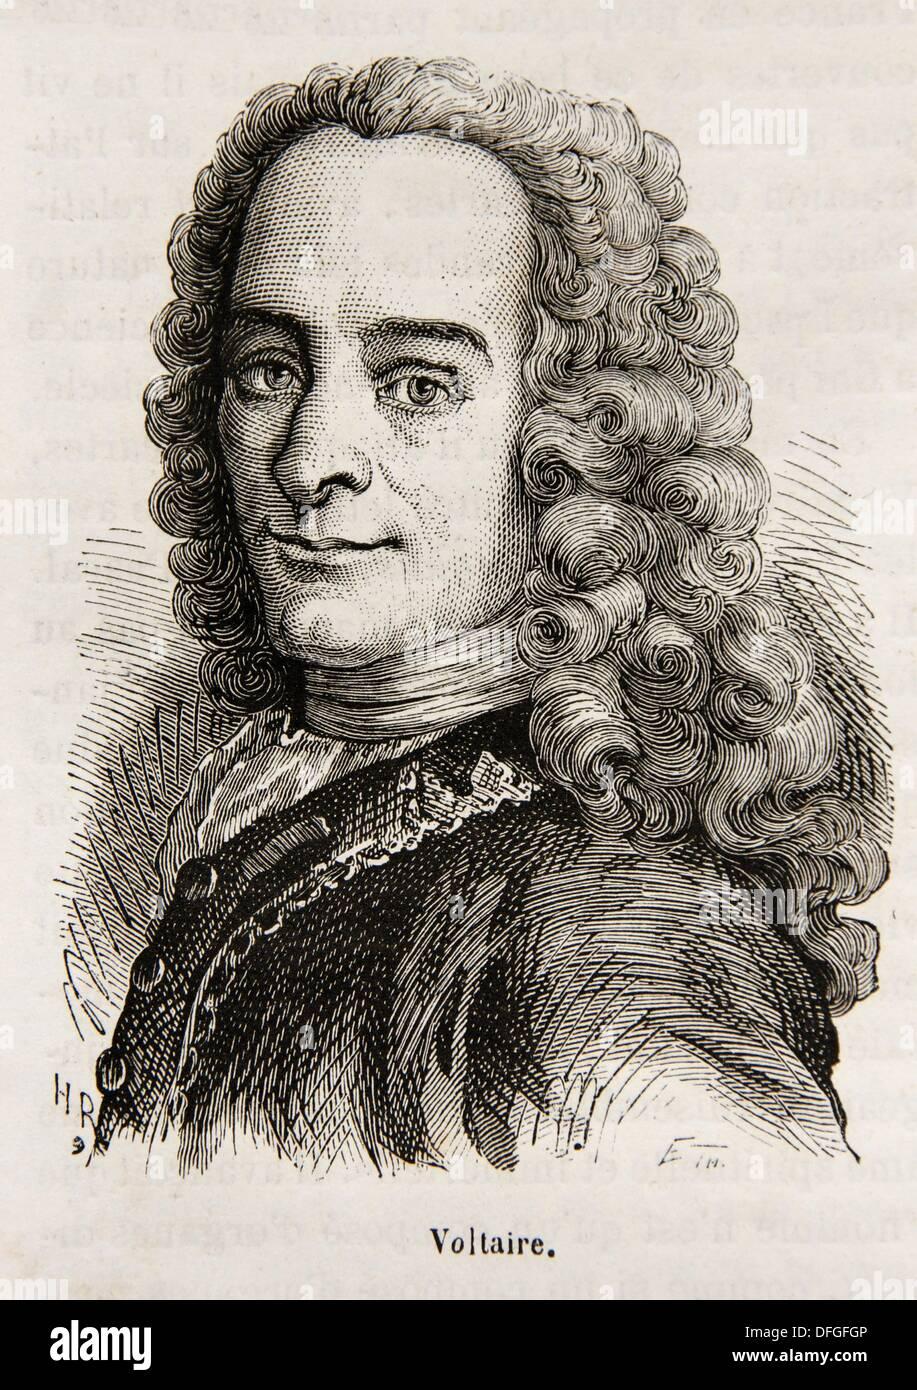 François-Marie Arouet el 21 de noviembre de 1694 - 30 de mayo de 1778, mejor conocido por el seudónimo de Voltaire, fue un escritor de la ilustración francesa Foto de stock